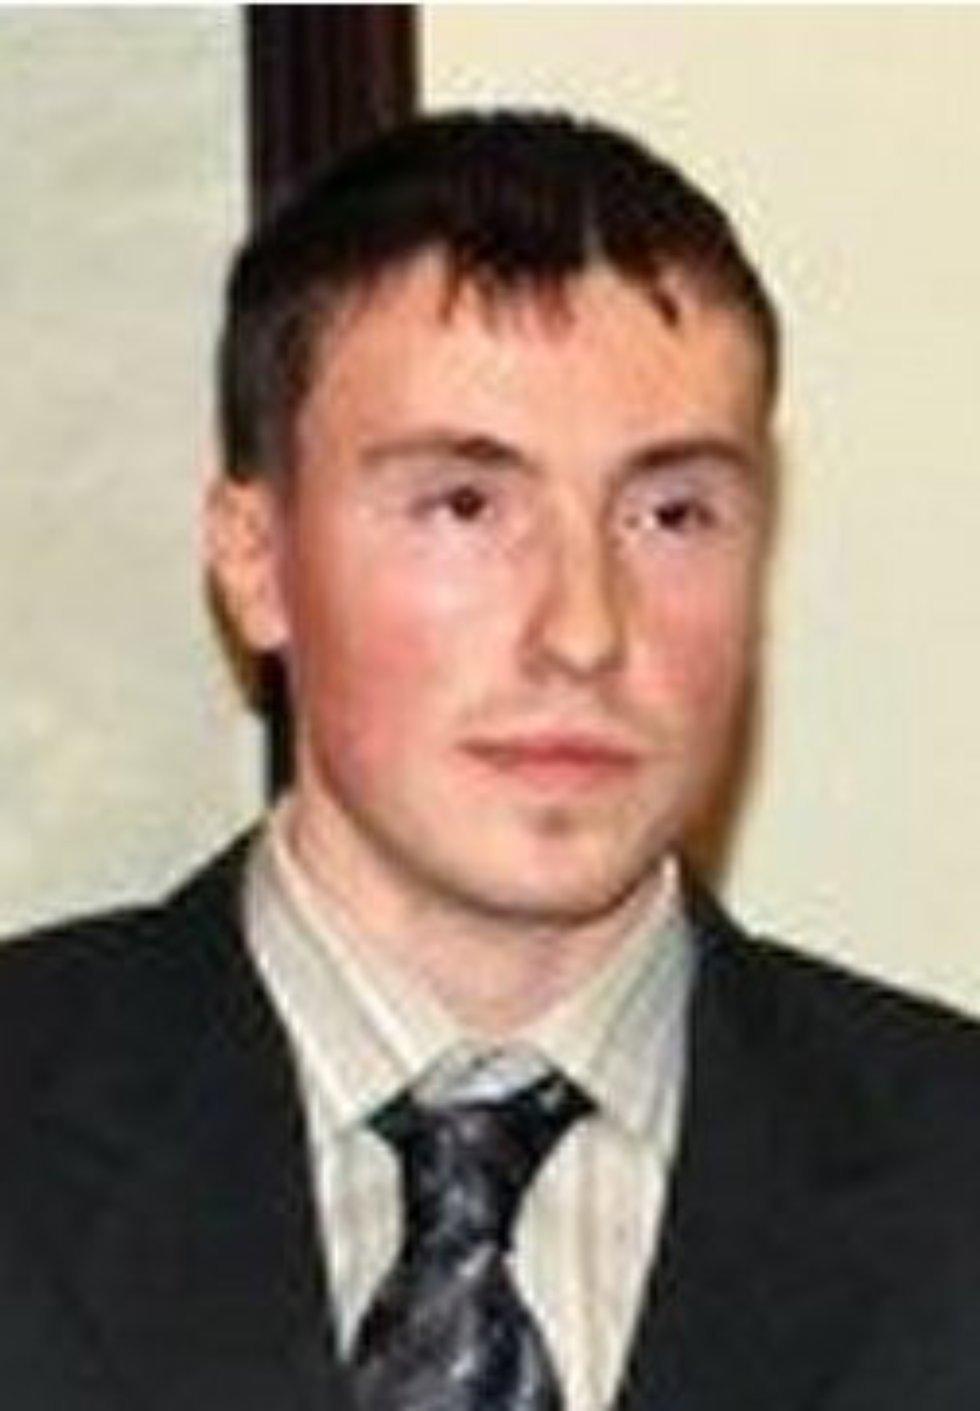 Байбеков Эдуард Ильдарович